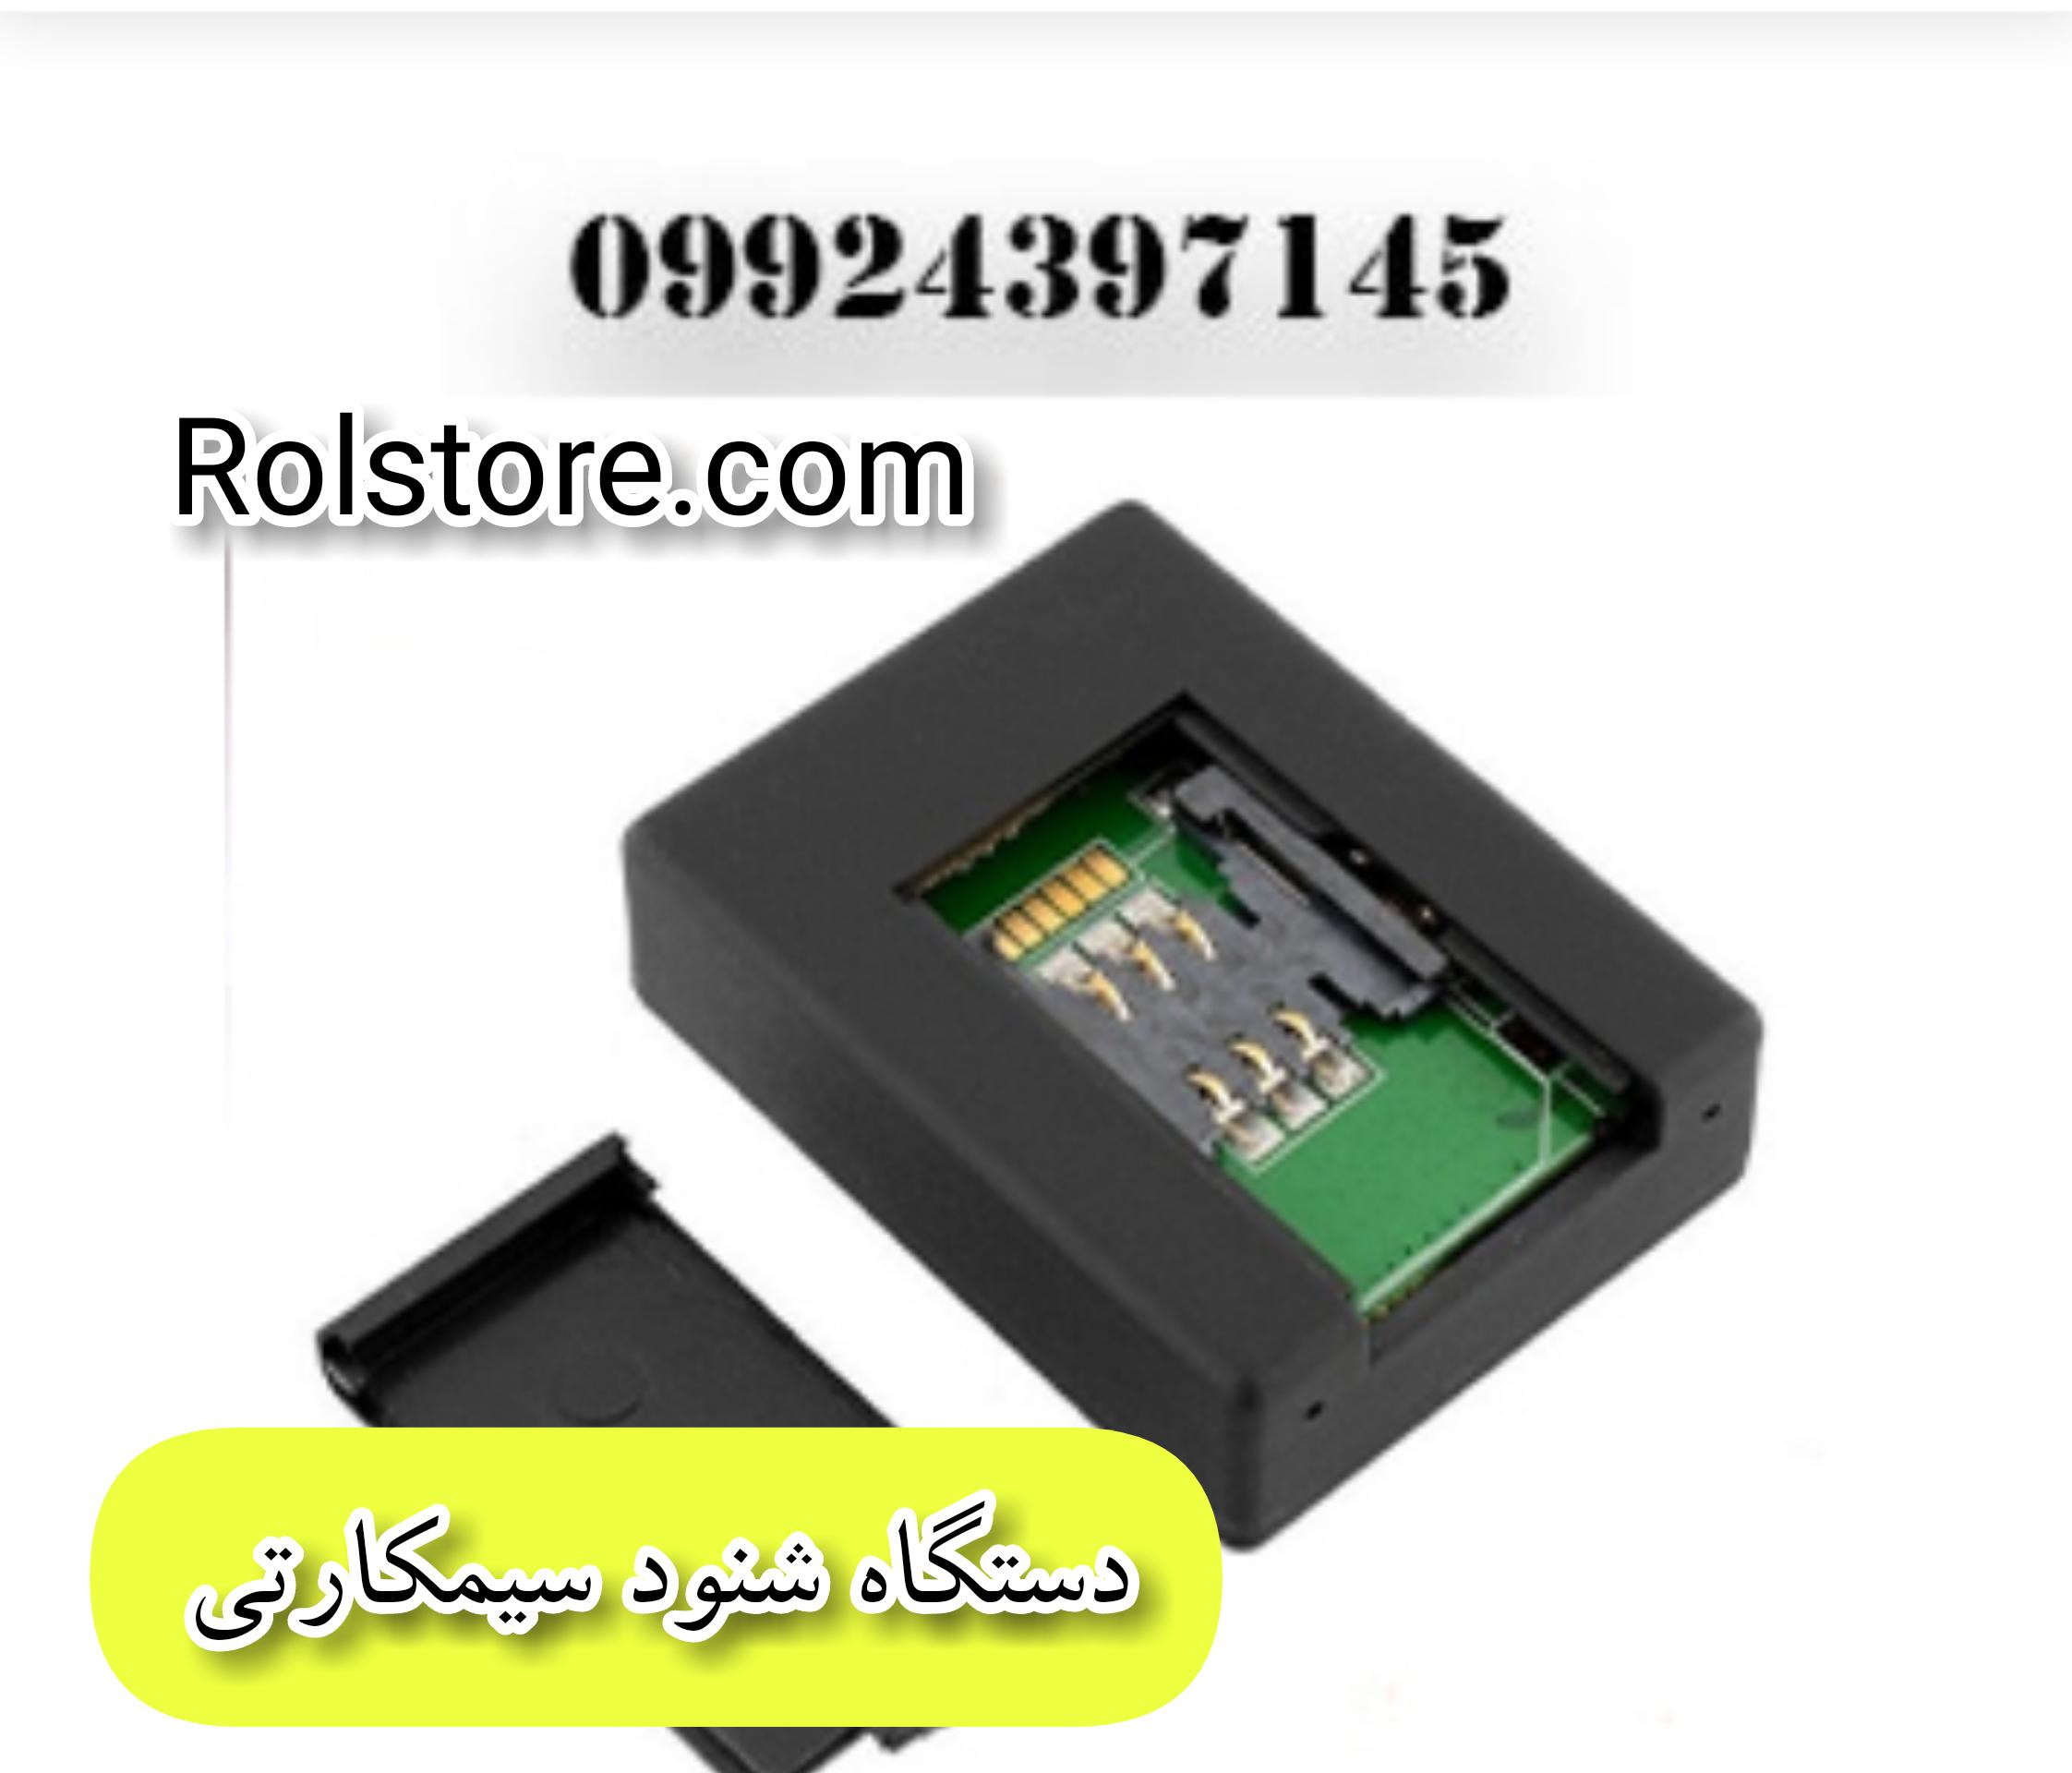 دستگاه شنود سیمکارتی/۰۹۹۲۴۳۹۷۱۴۵/شنود مخفی